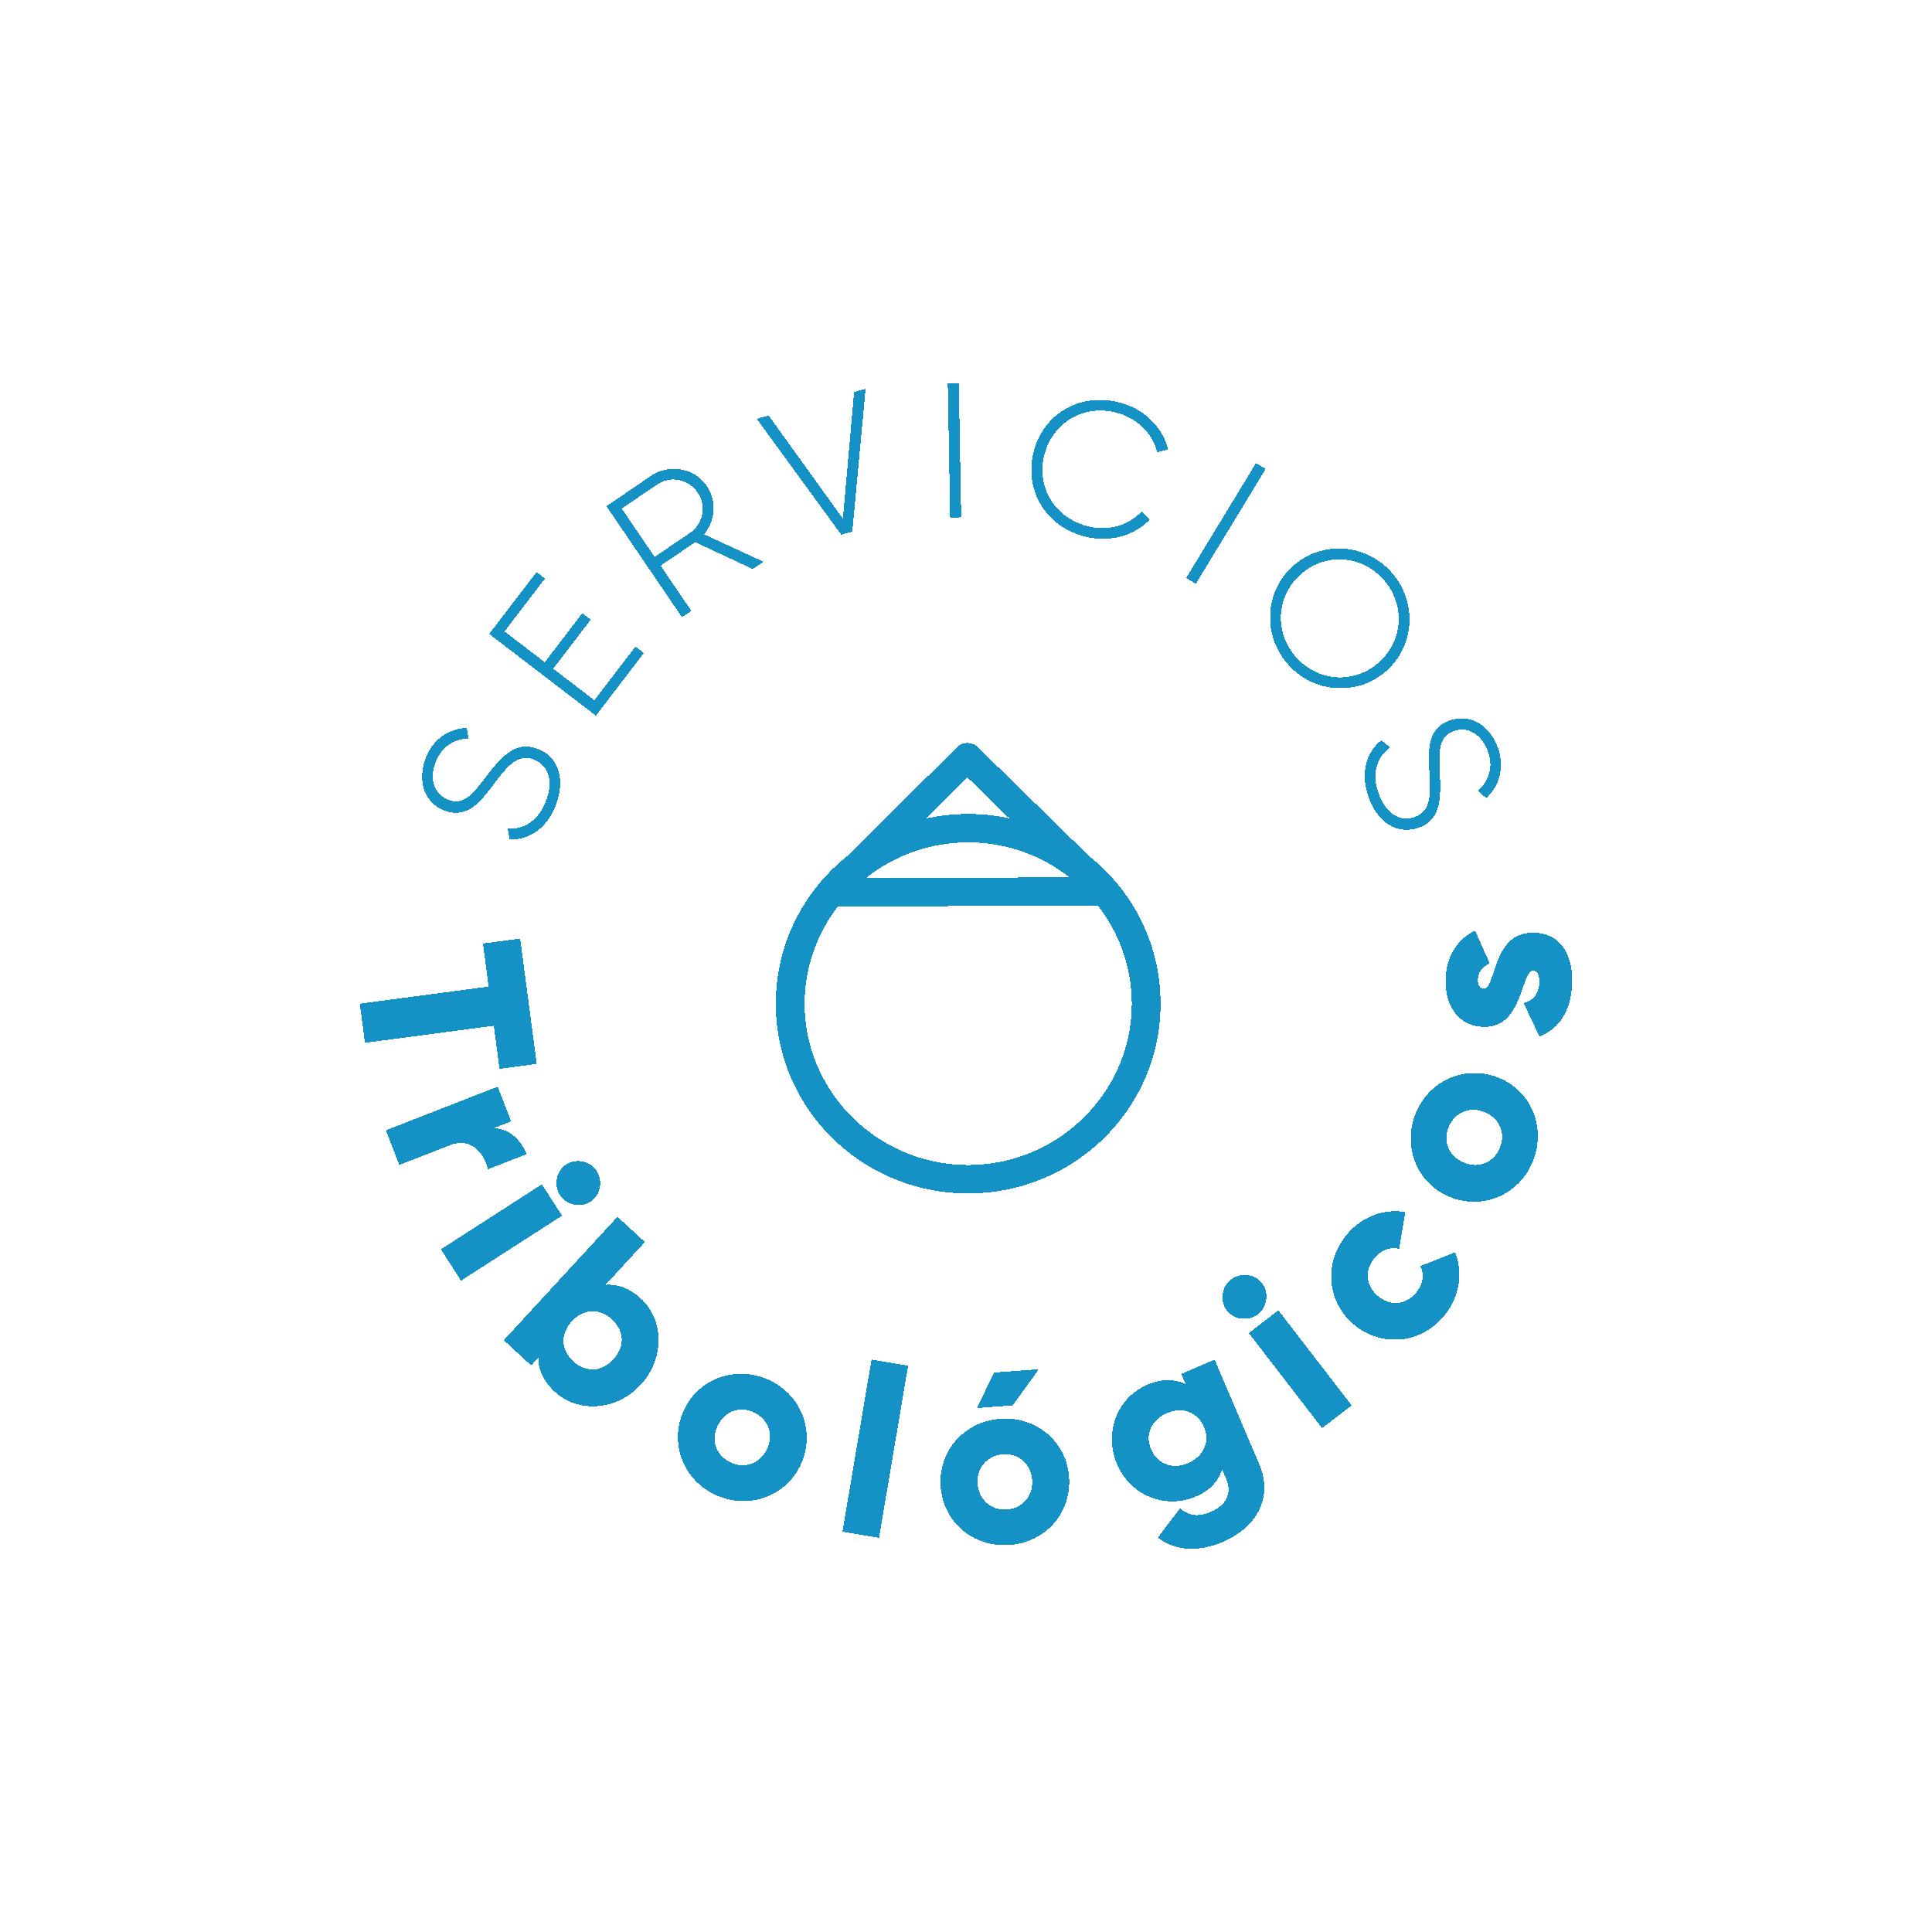 Empresas Desafio10x: Servicios Tribologicos S.A.